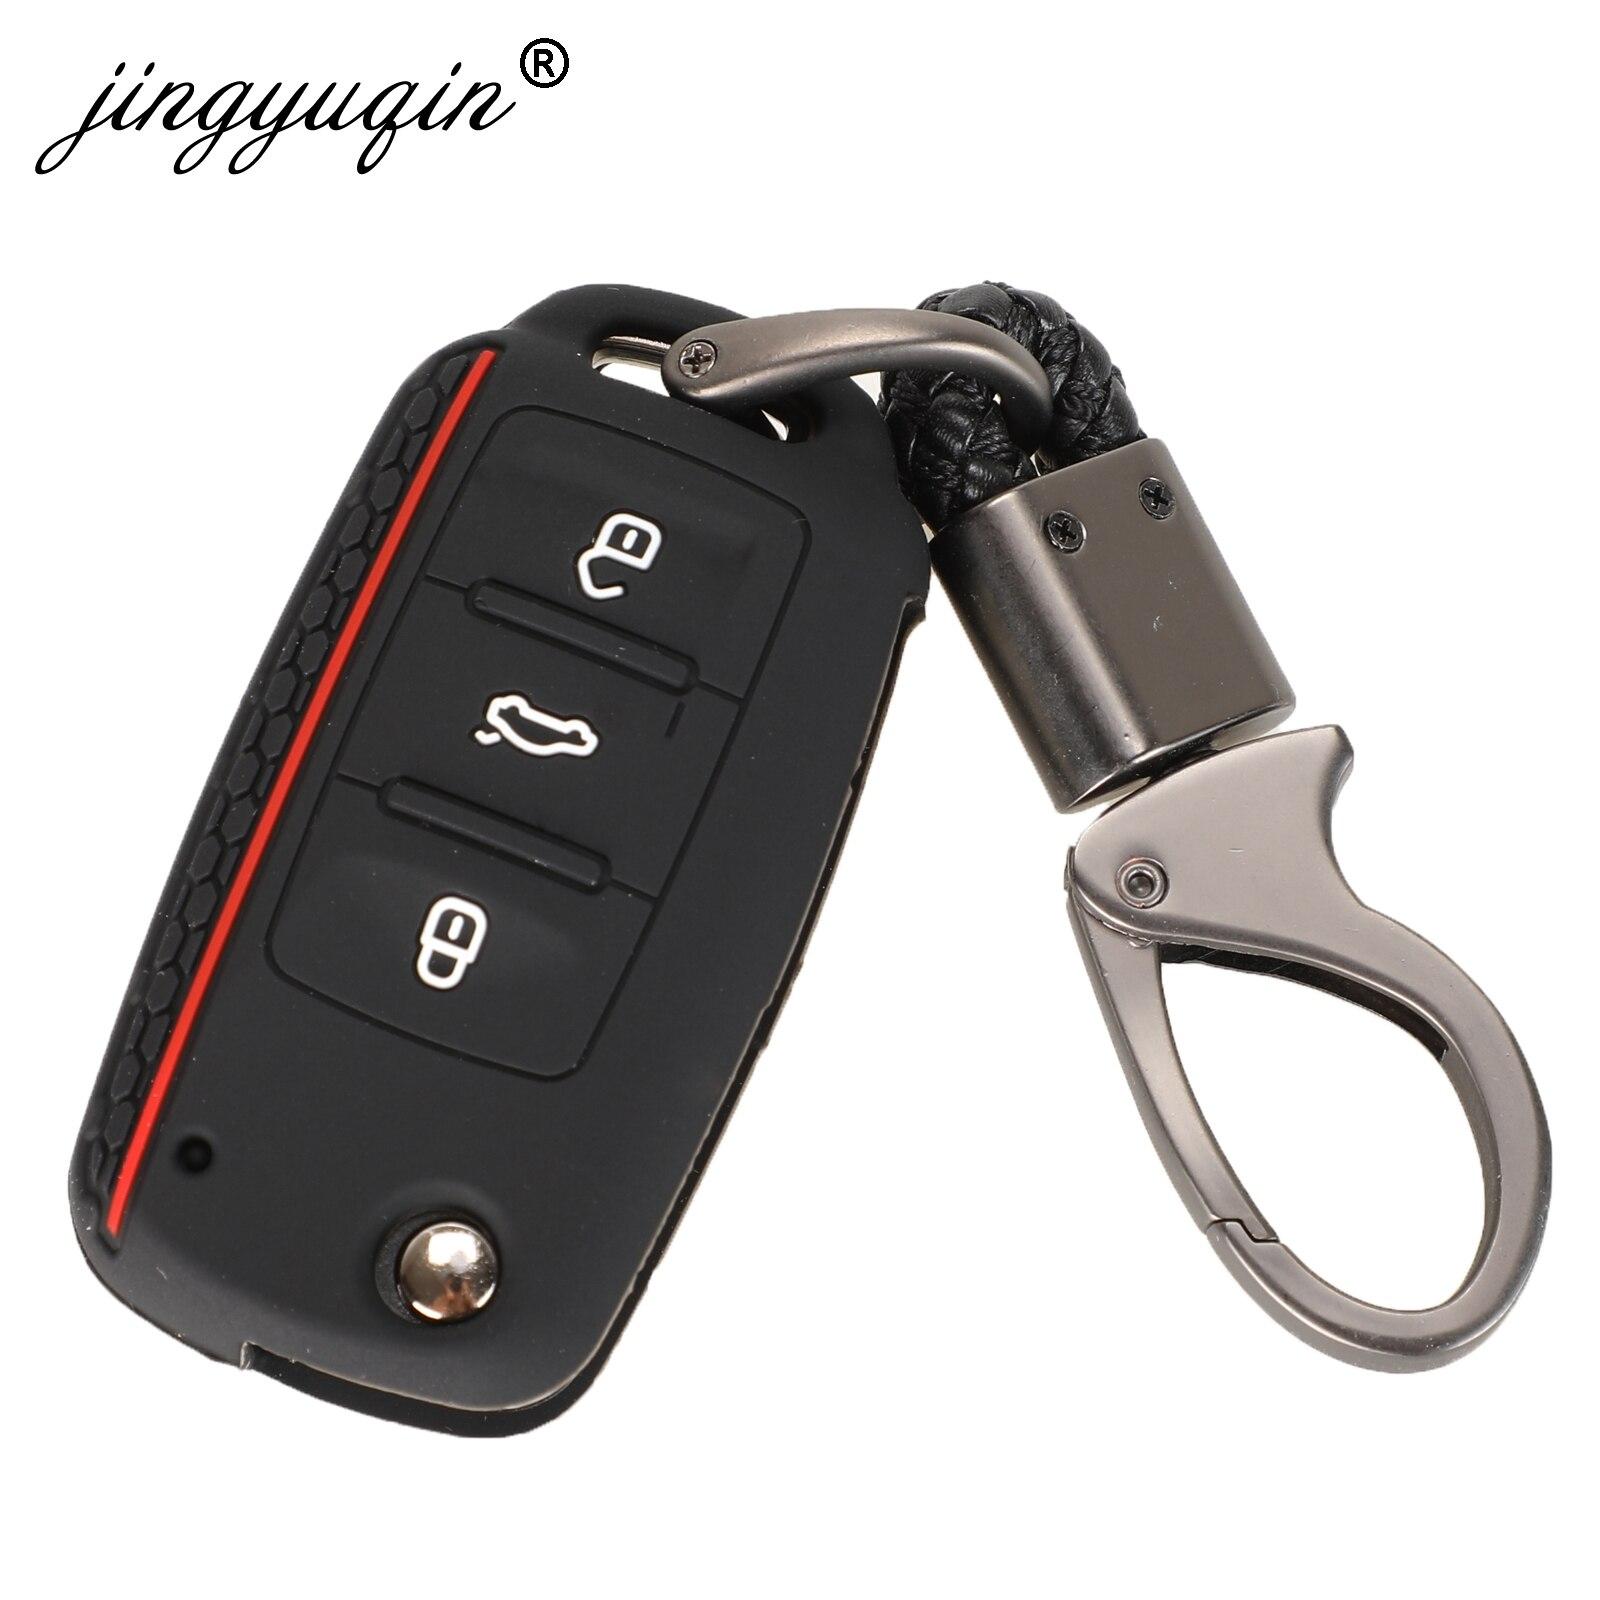 Jingyuqin etui clés de voiture en Silicone pour VW Golf Fit Skoda Yeti superbe rapide Octavia SEAT Leon ibiza 3 boutons porte-clés à distance